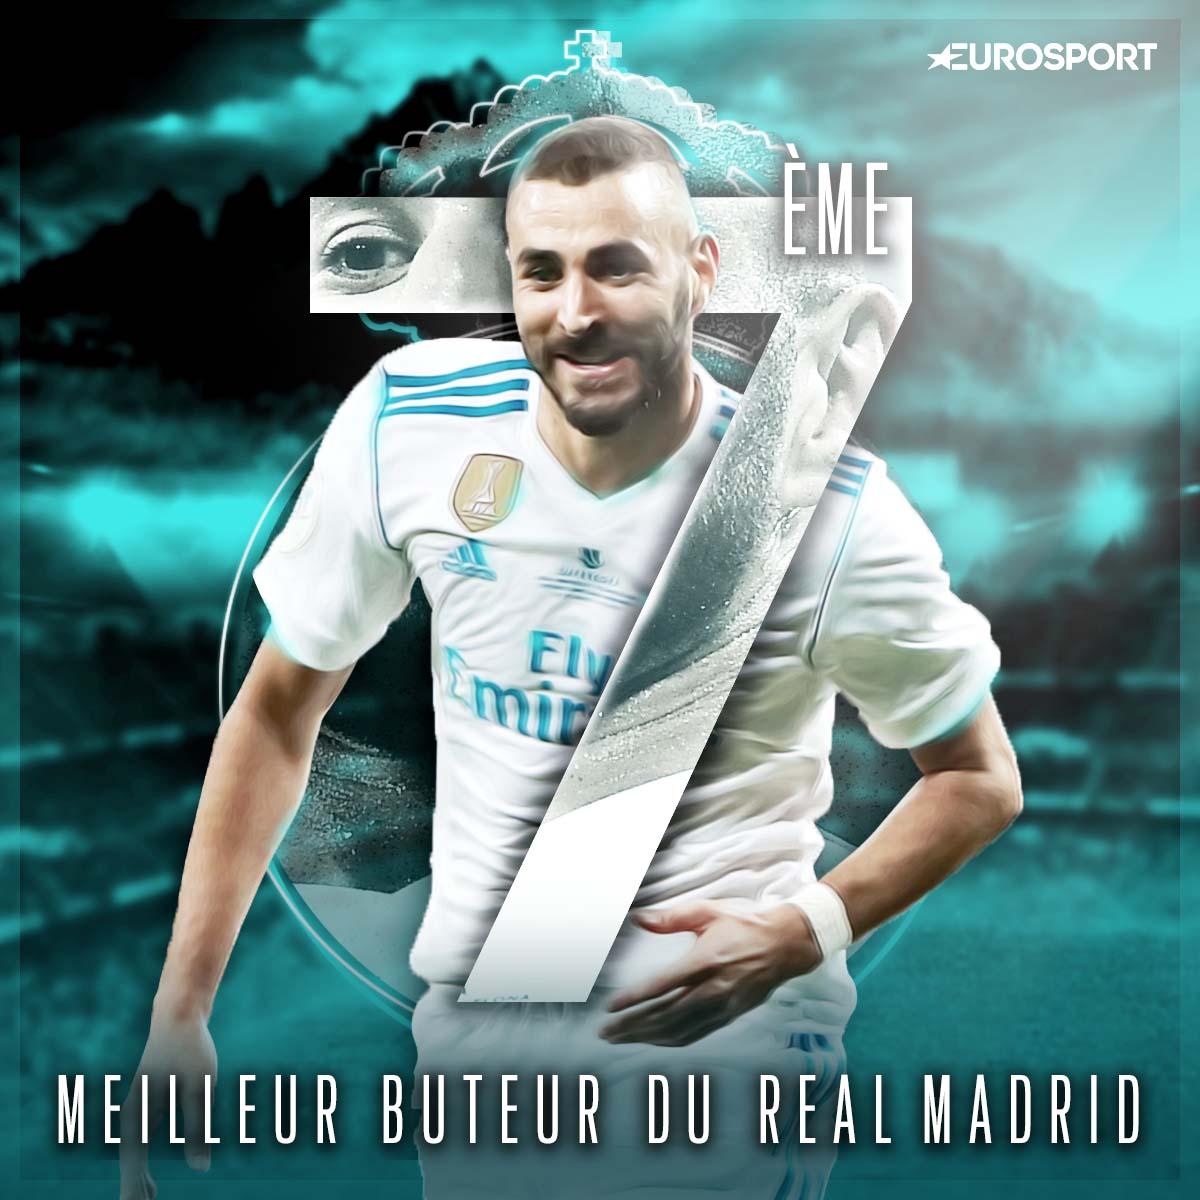 Benzema retrouve le chemin des filets à Nicosie et en profite pour s'inscrire un peu plus dans la grande histoire du Real Madrid #APORMA https://t.co/ymcViOITpf